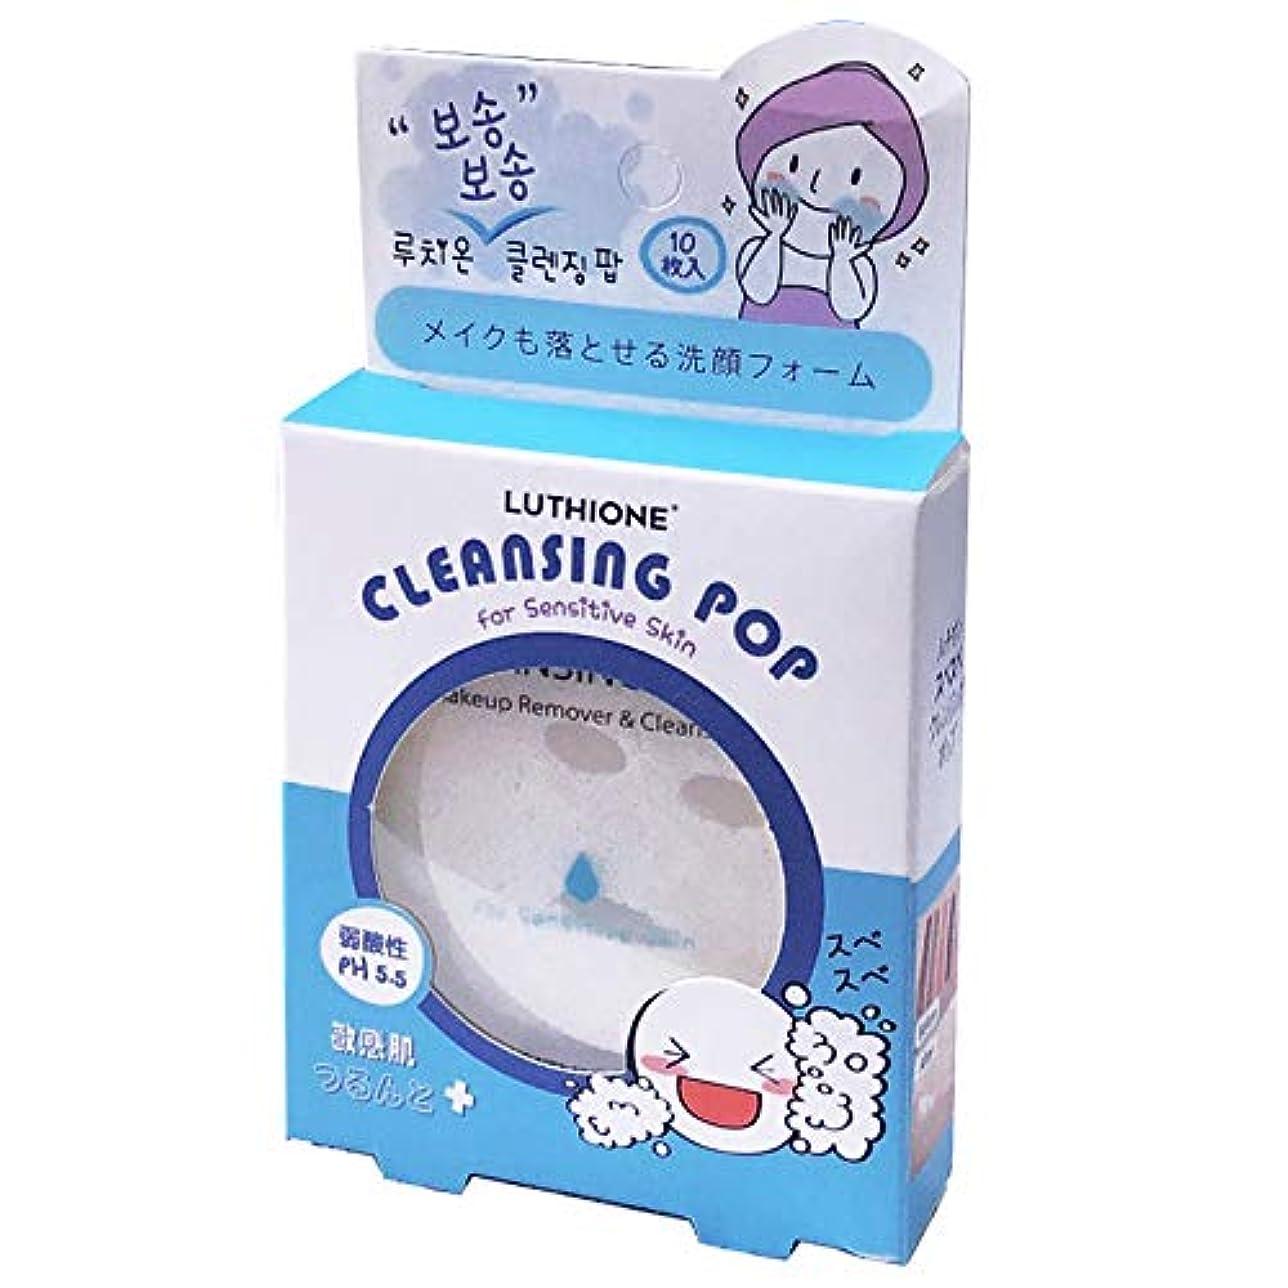 デマンドリレーコンピューター【まとめ買い】ルチオン クレンジングポップ (LUTHIONE CLEANSING POP) 敏感肌 10枚入り ×6個